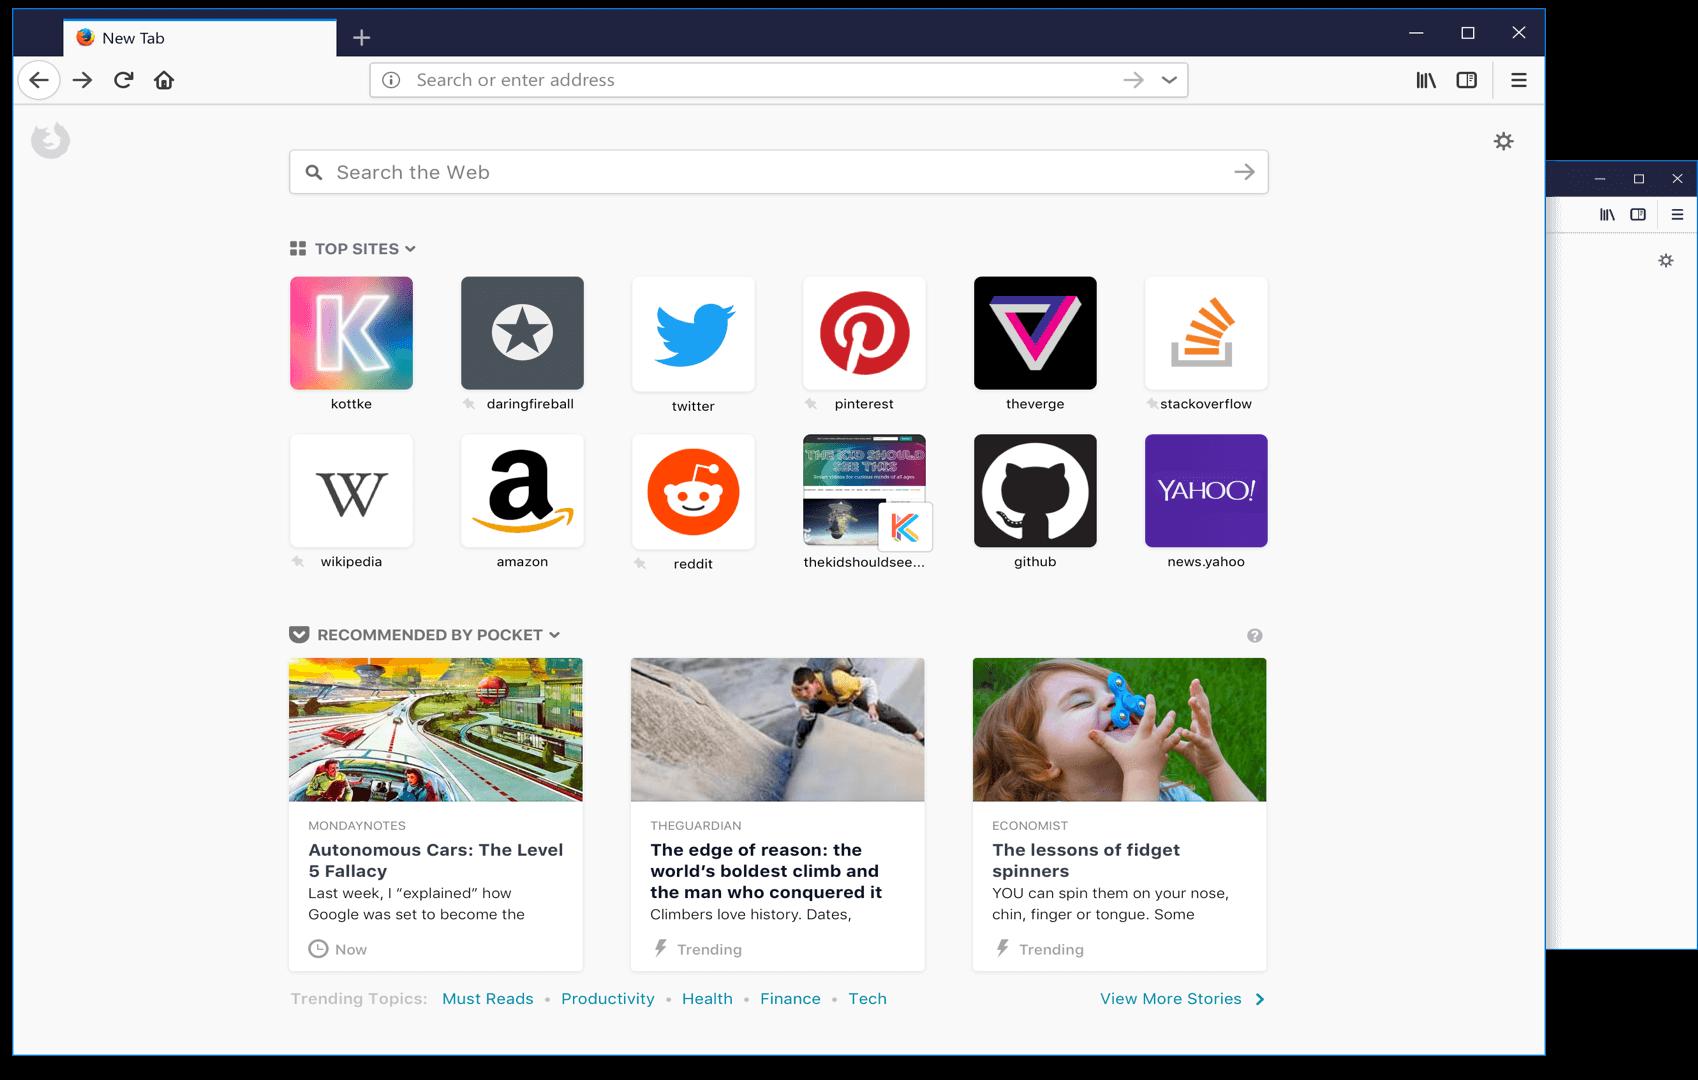 Mozilla firefox terá anúncios na página inicial em breve. Parece que até mesmo um navegador sem fins lucrativos precisa de dinheiro para sobreviver. Bom, ao menos o mozilla firefox usará uma nova estratégia para estes anúncios.